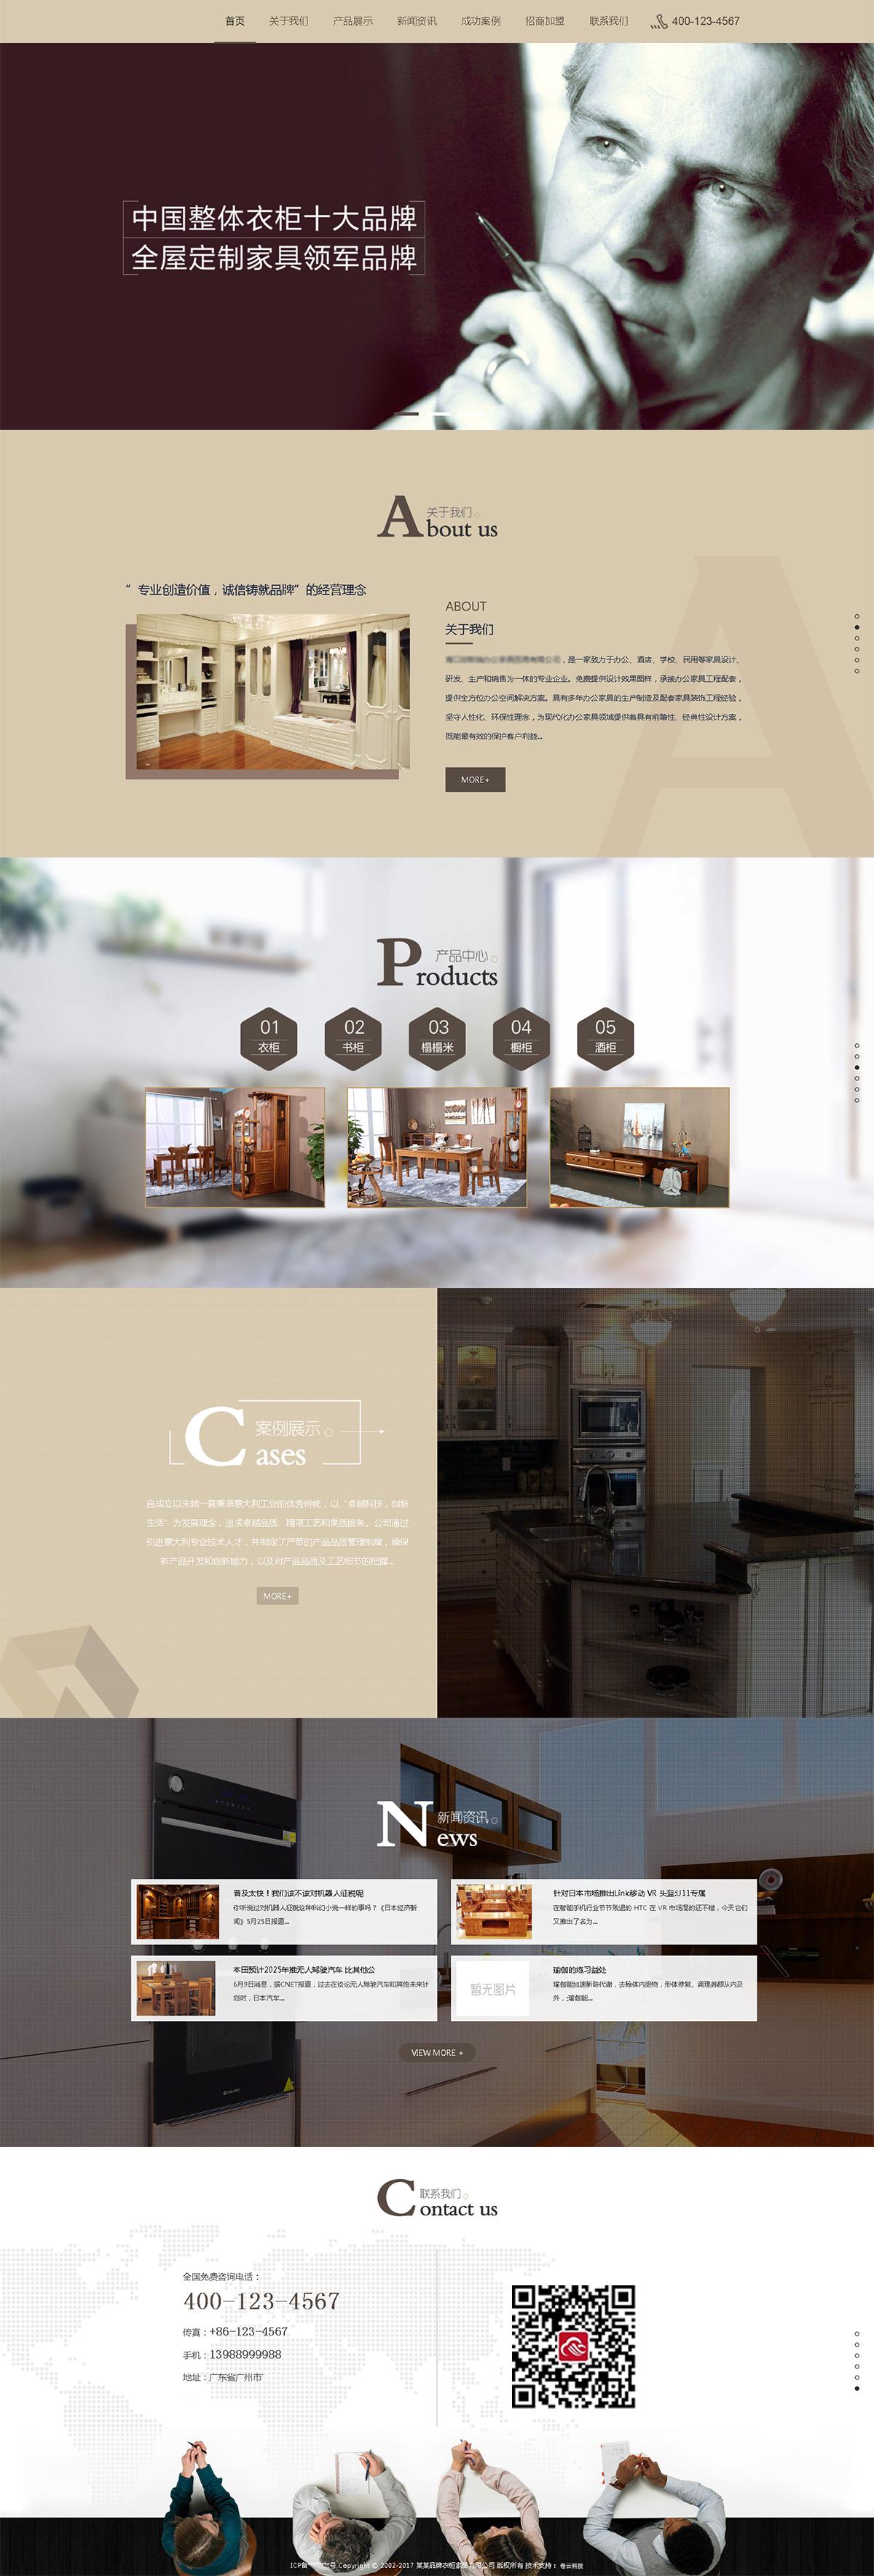 品牌家居网站制作案例